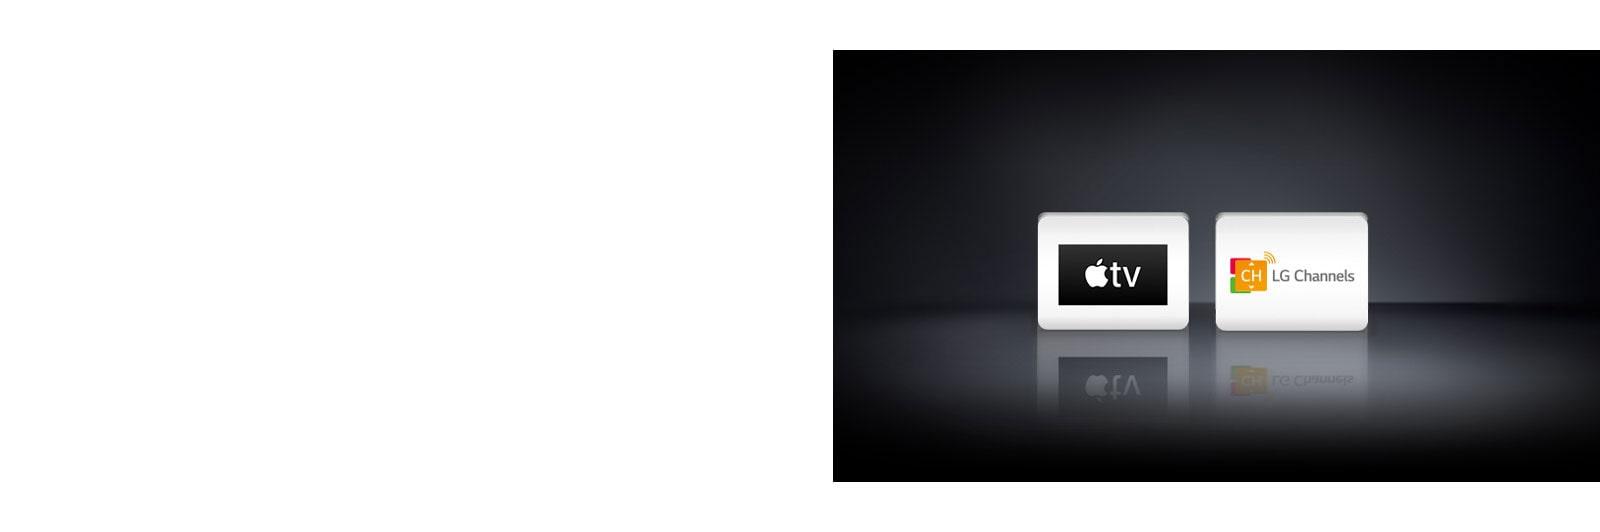 Четыре логотипа: Приложение Apple TV, Netflix и LG Channels